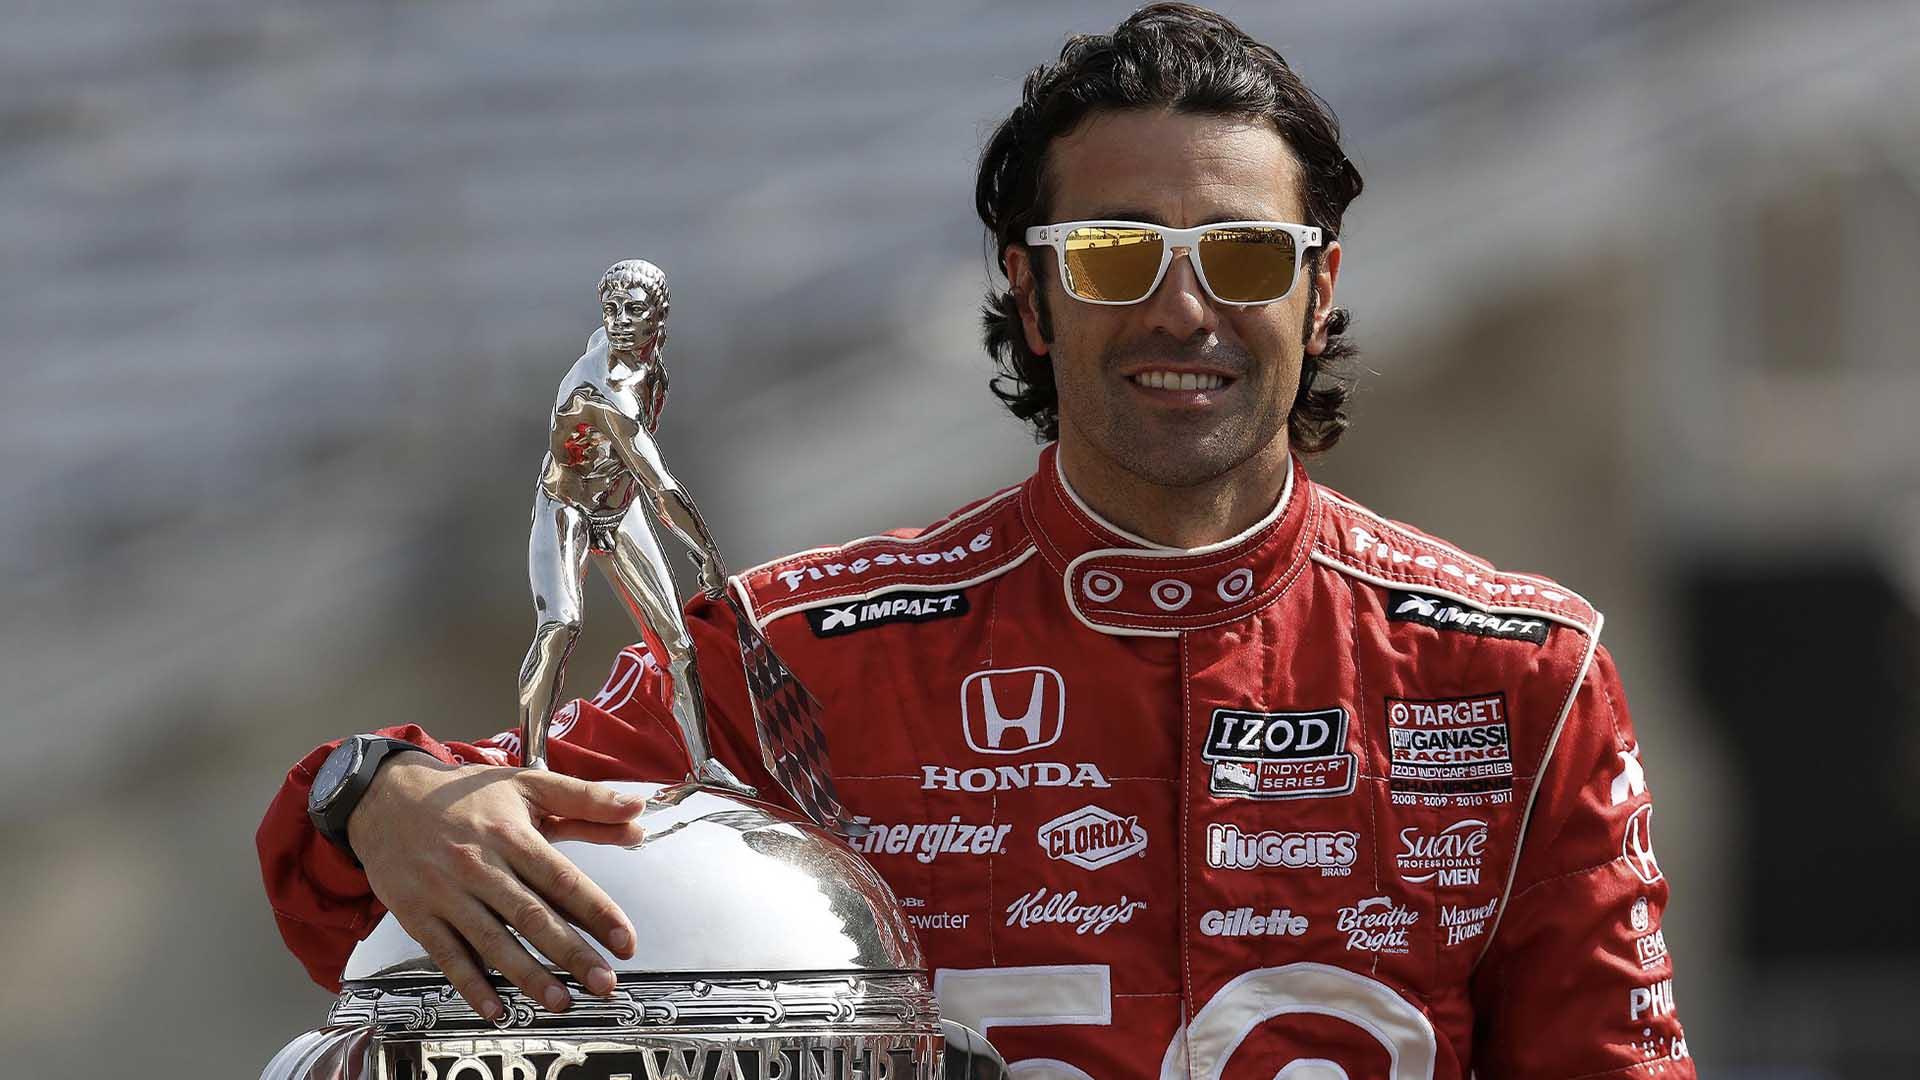 melhores pilotos de formula indy dario franchitti